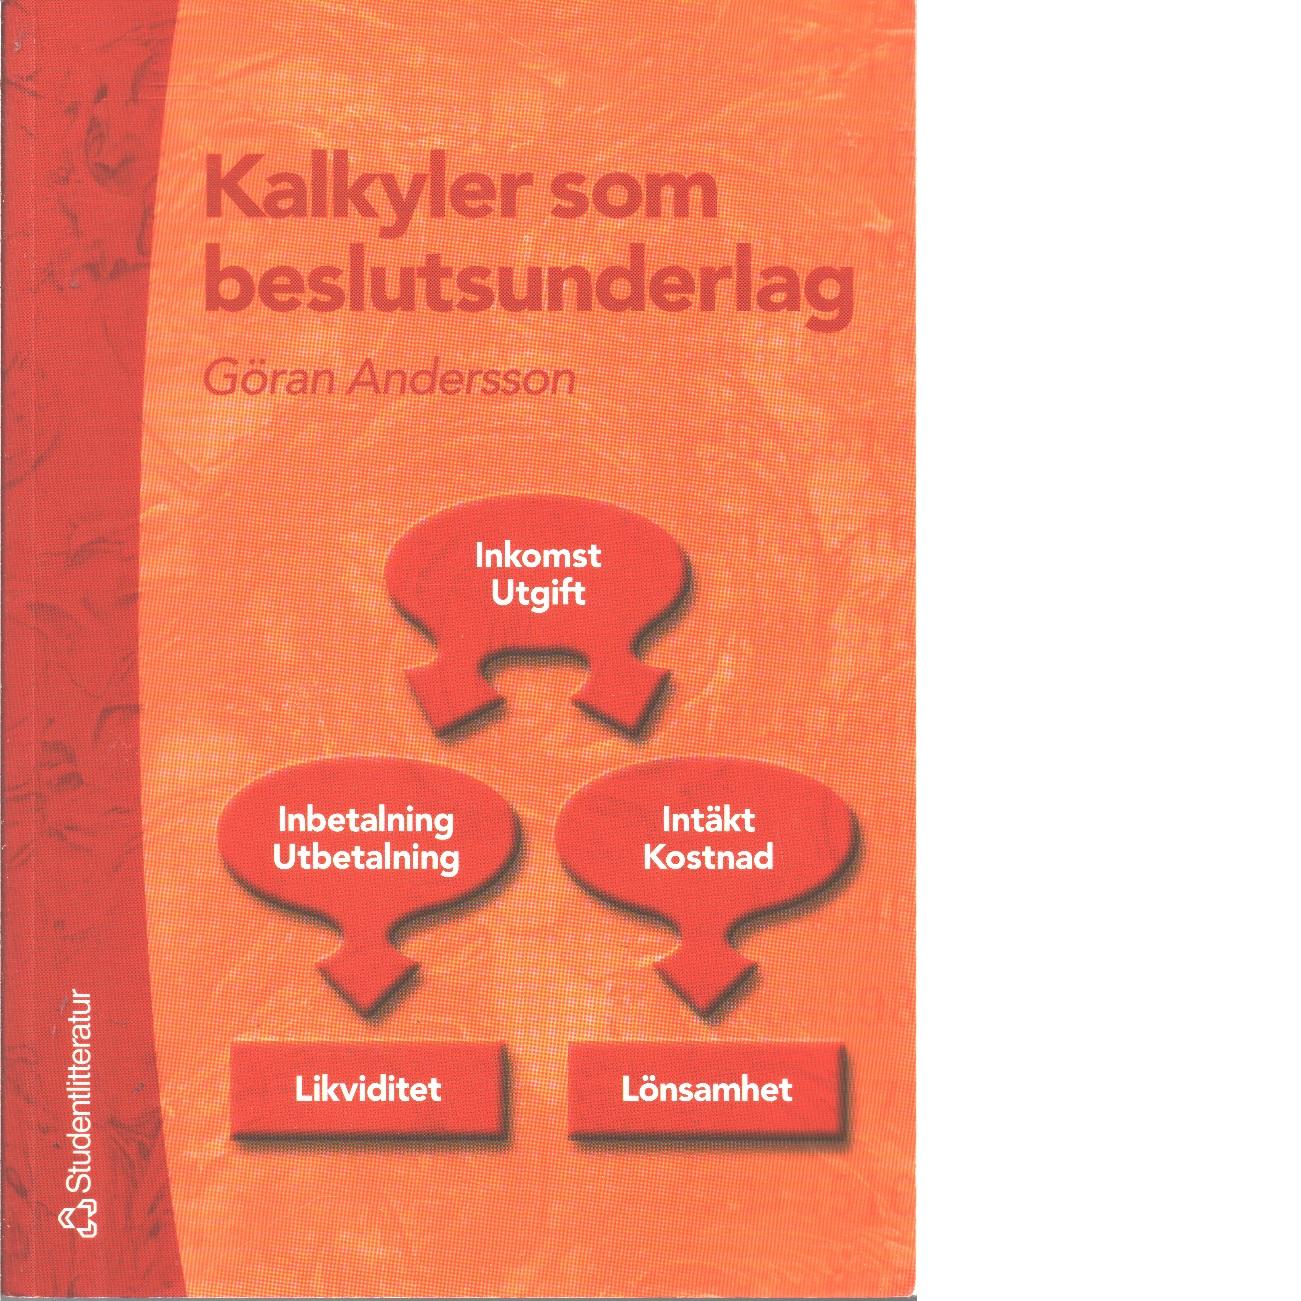 Kalkyler som beslutsunderlag - Andersson, Göran